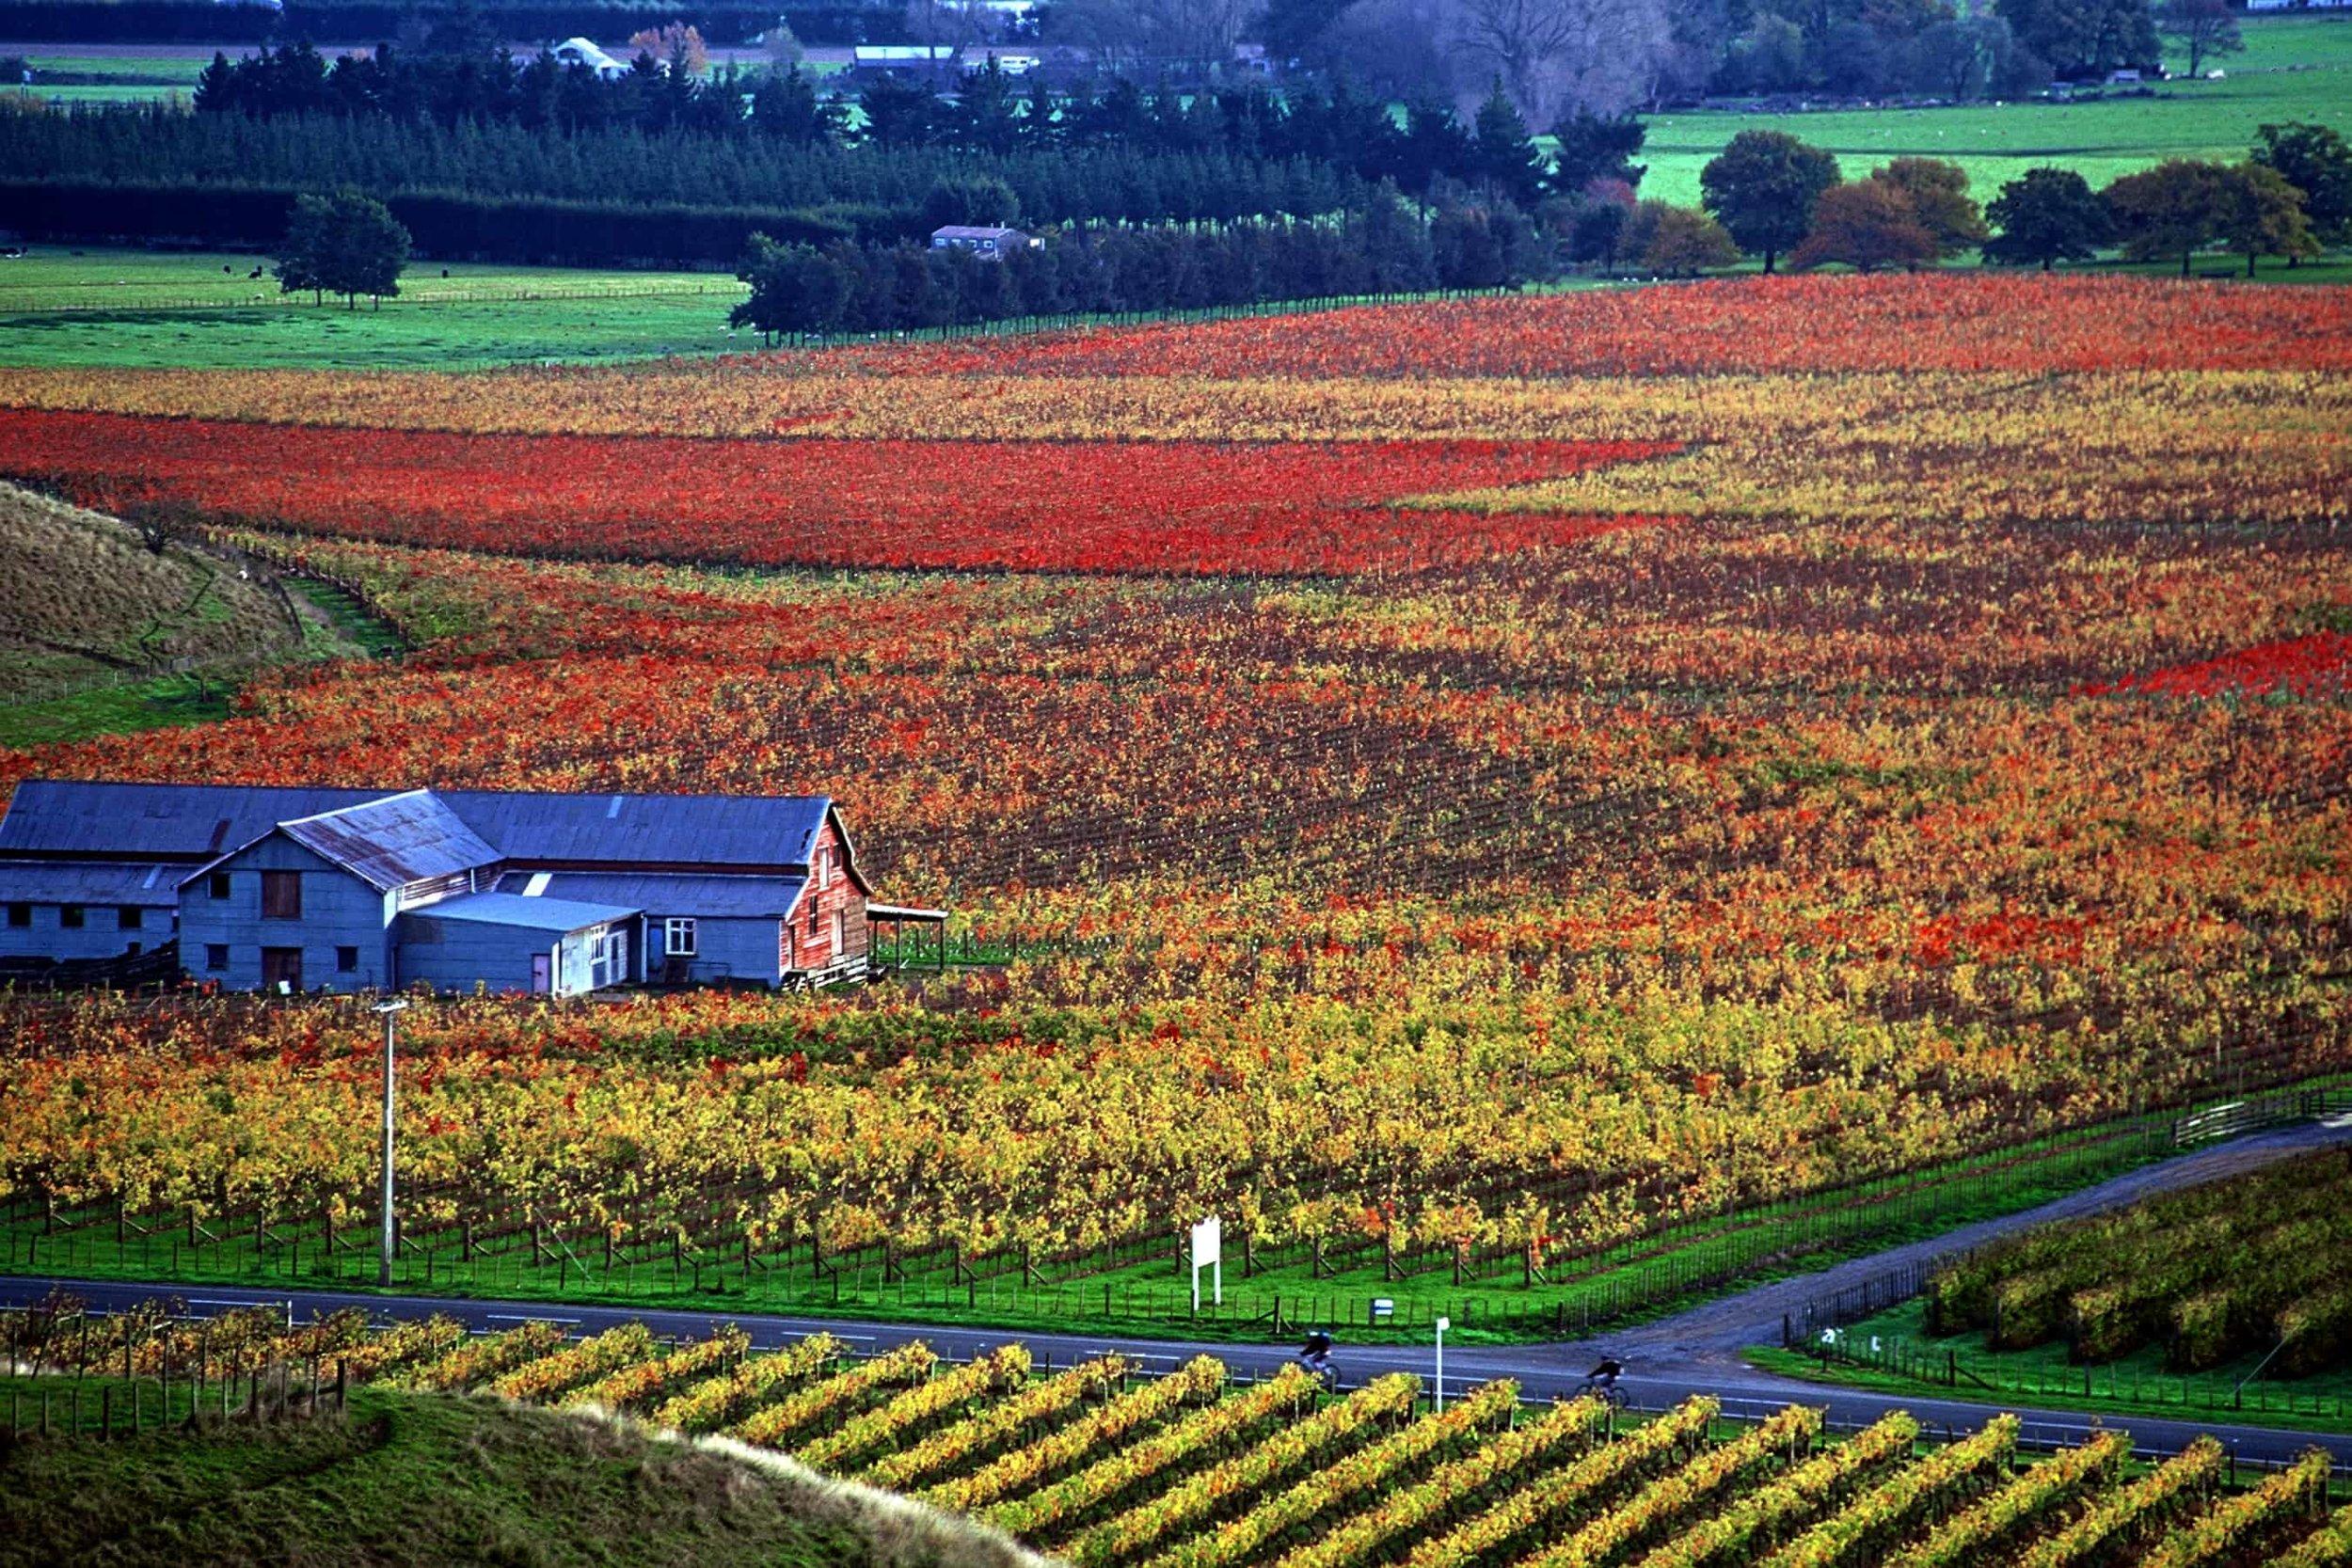 Autumn Vines